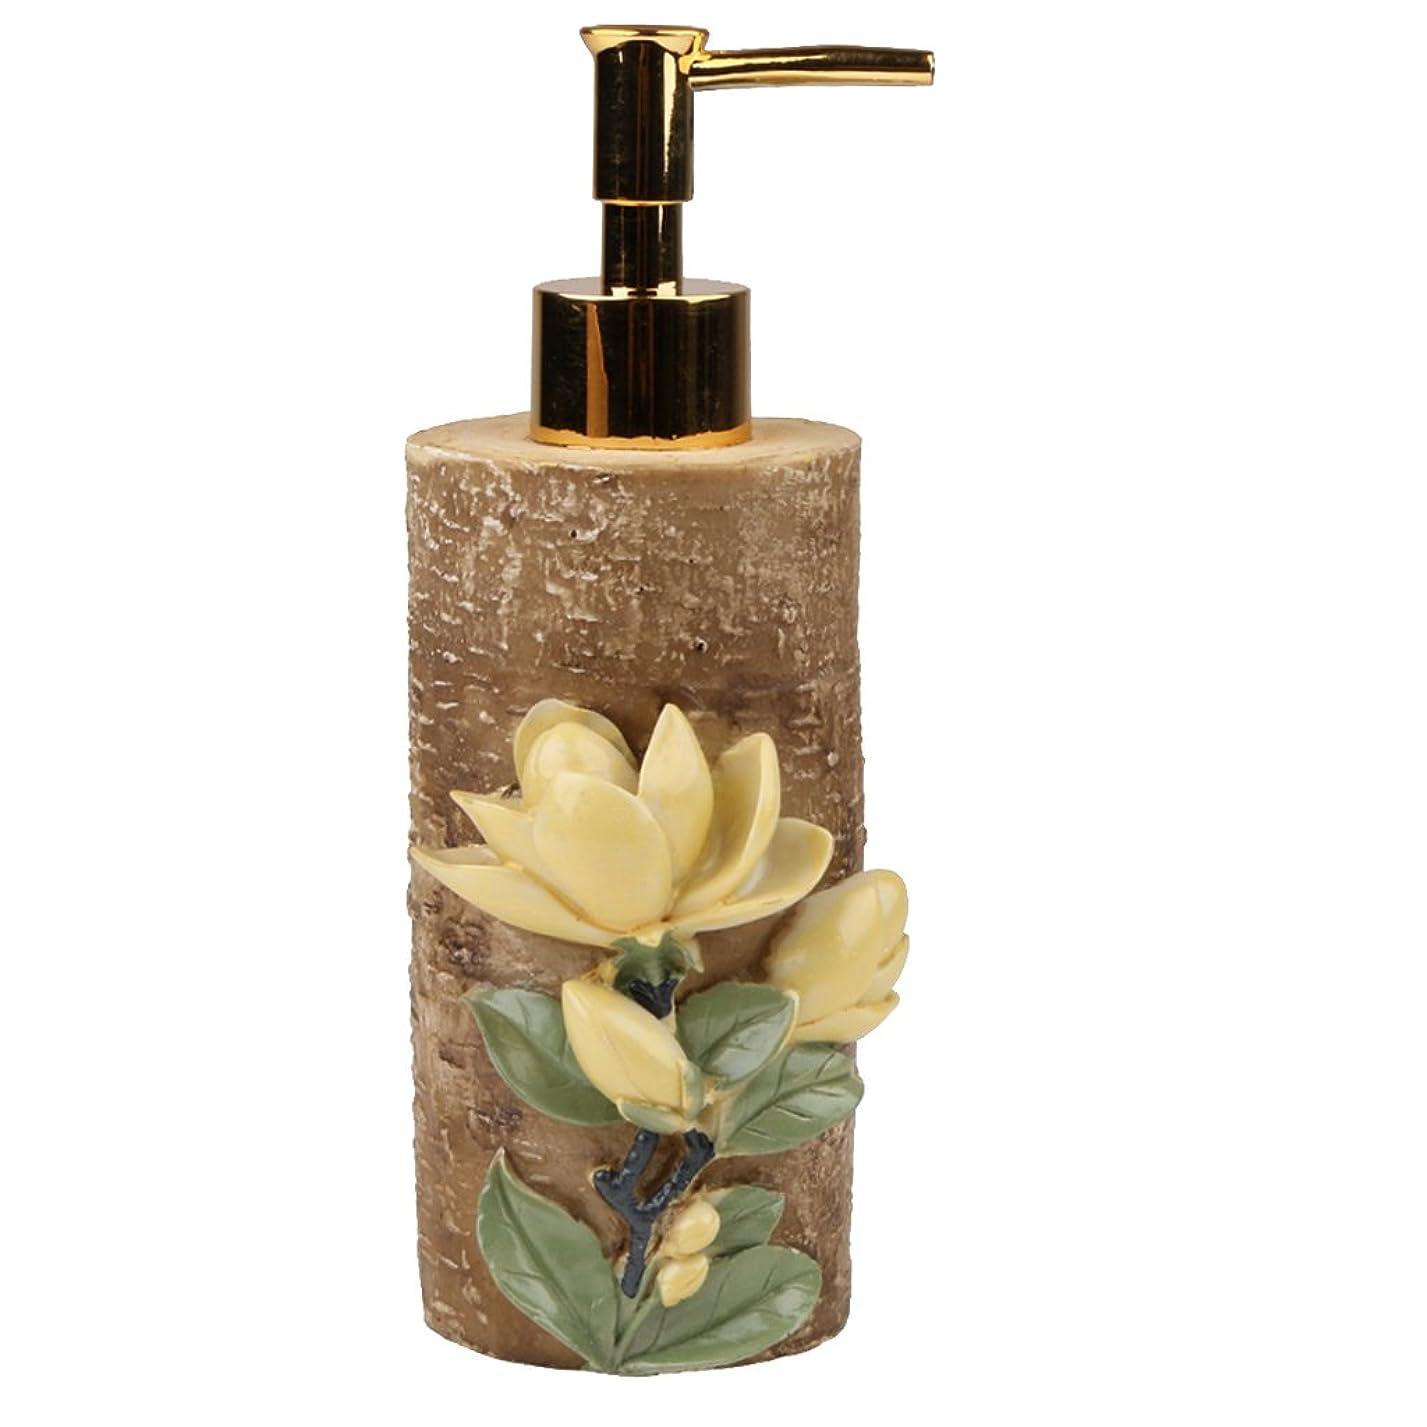 うつ節約する航海空 詰め替え ポンプ 瓶 シャンプー ボディークレンザー 液体石鹸などローション適用 全4種類 - #4